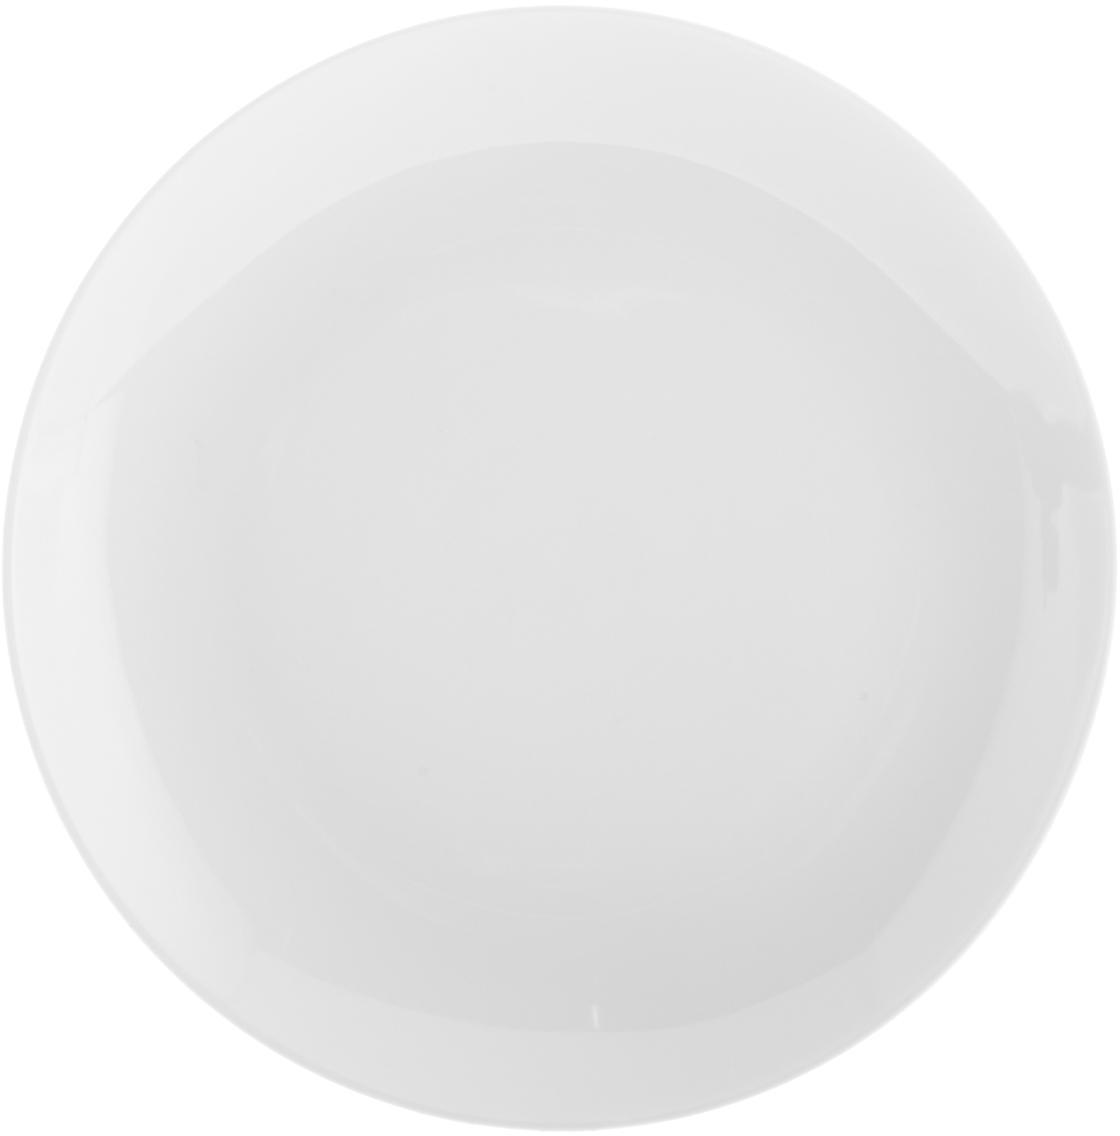 Talerz śniadaniowy Delight Modern, 2 szt., Porcelana, Biały, Ø 20 cm